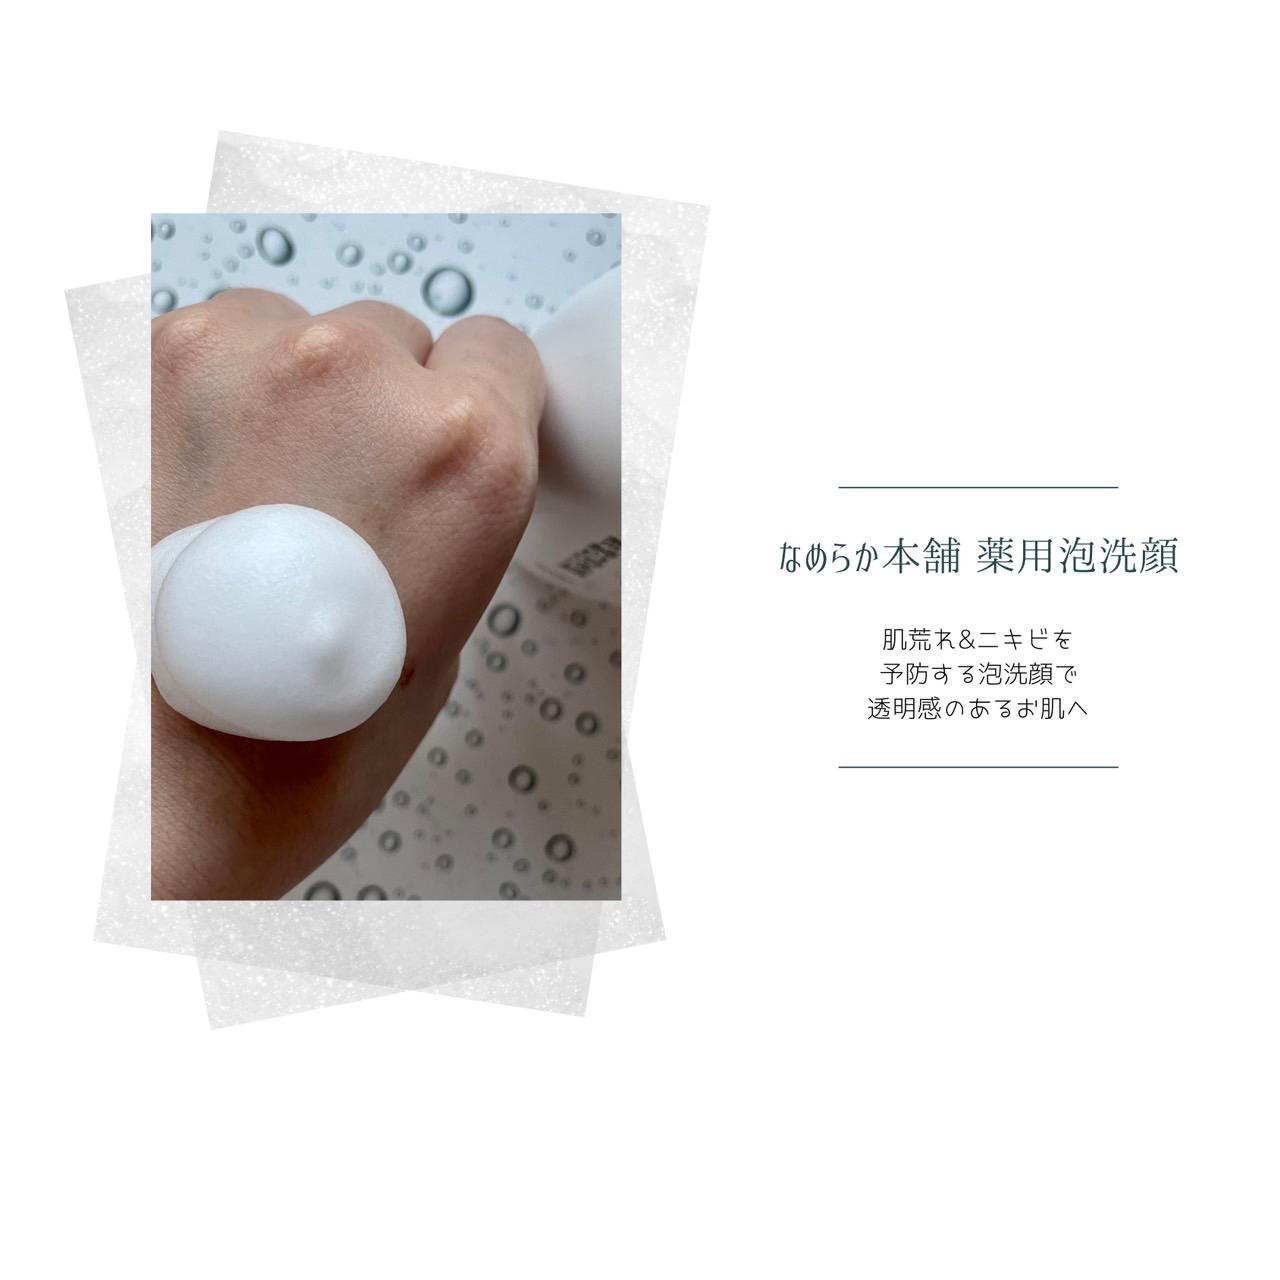 なめらか本舗 薬用 泡洗顔の良い点・メリットに関するゆあさんの口コミ画像2